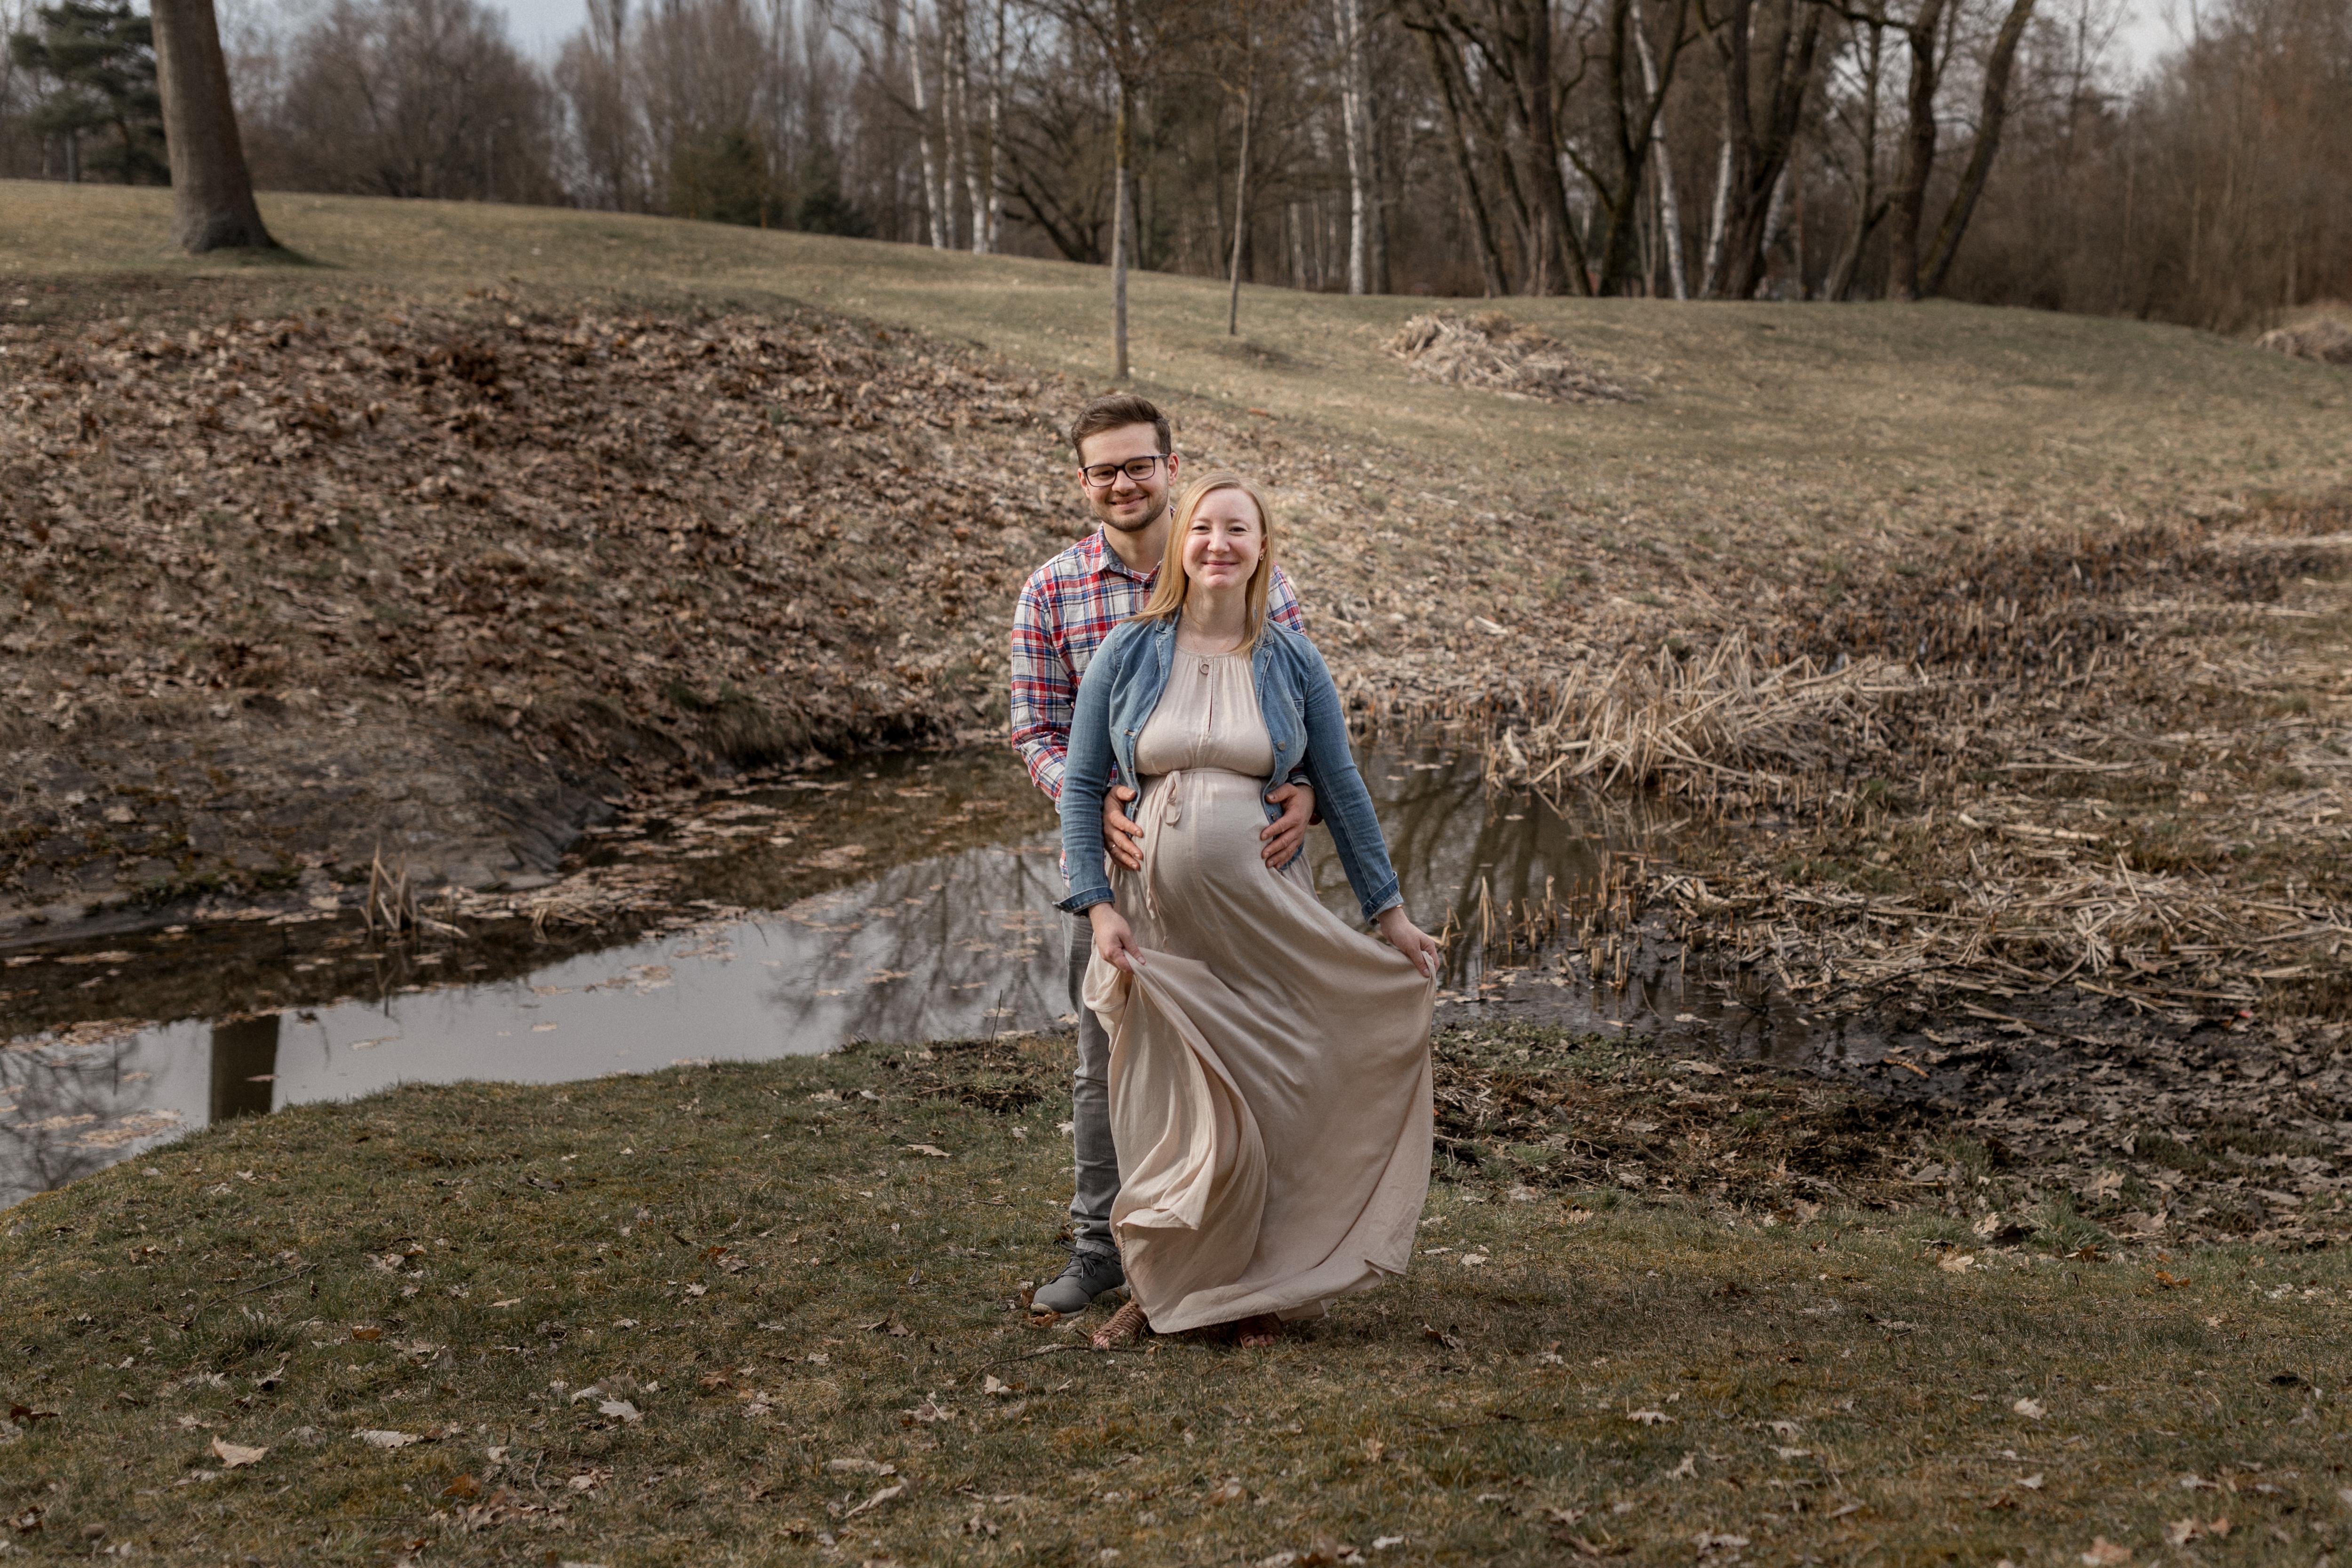 URBANERIE_Daniela_Goth_Hochzeitsfotografin_Nuernberg_Fuerth_Erlangen_180330_0112